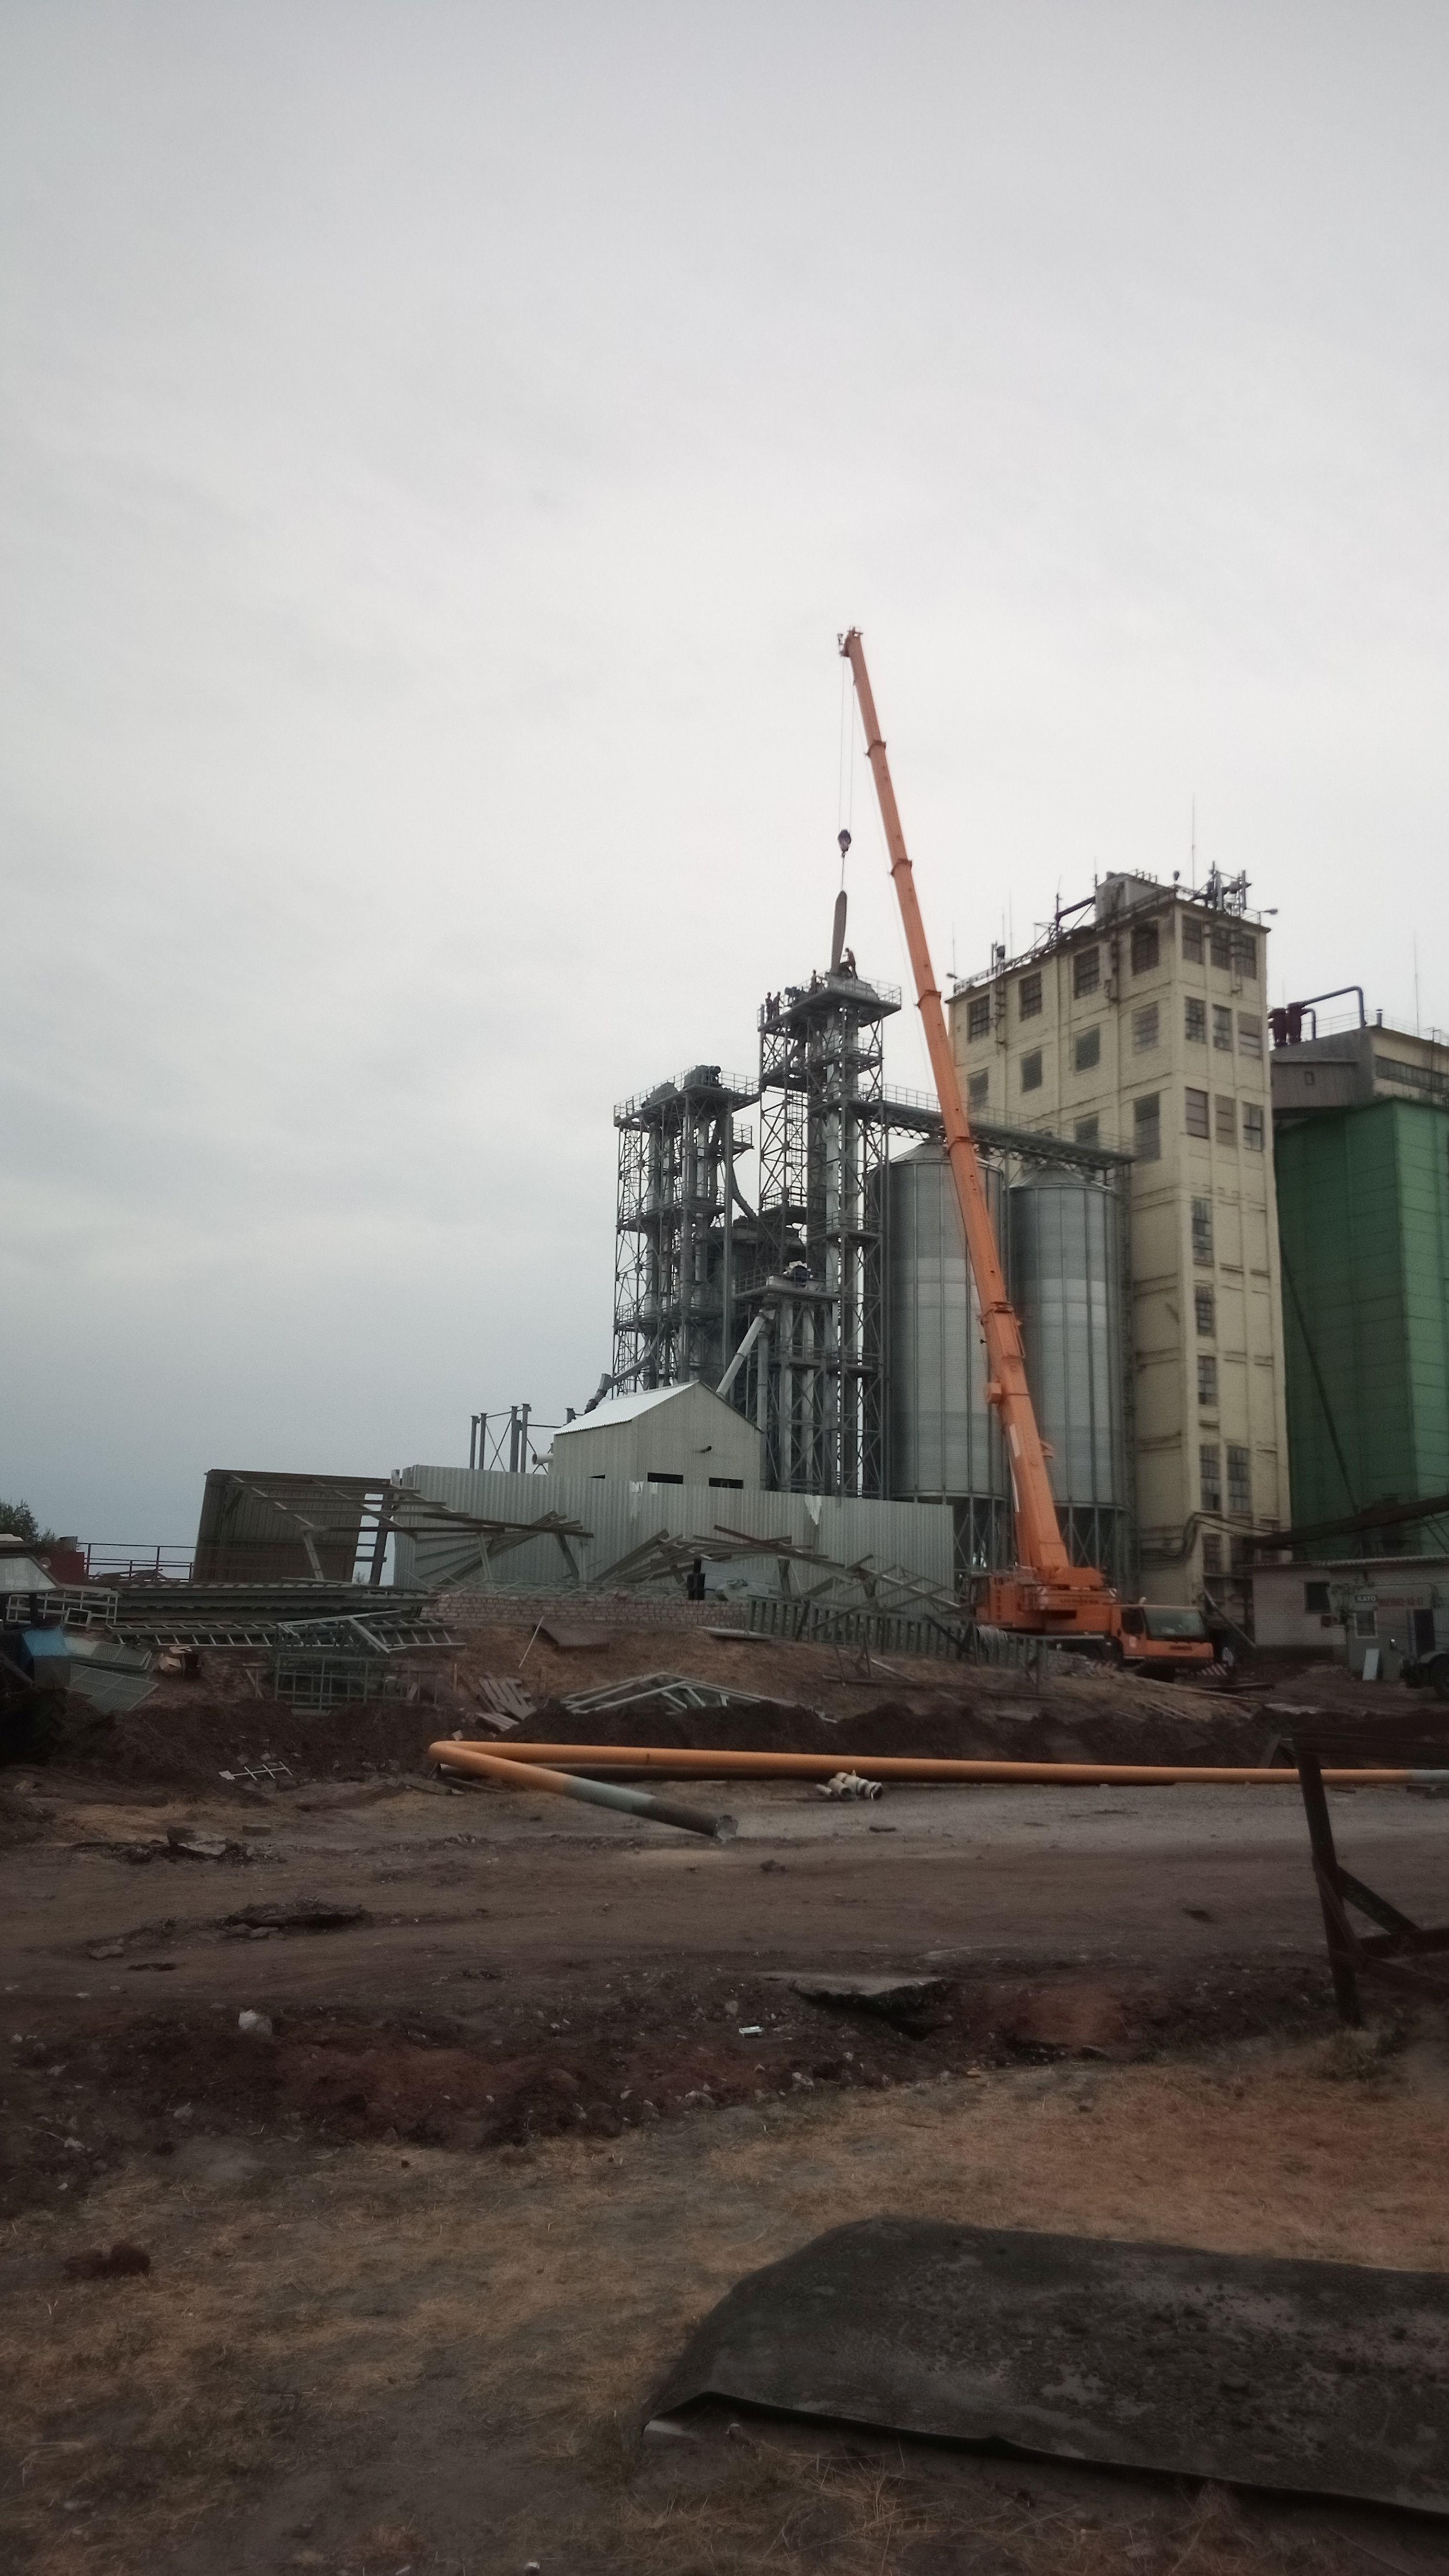 АА-ФОРВАРД - Такелажные работы, демонтаж зданий , резка метала и металлоконструкций.